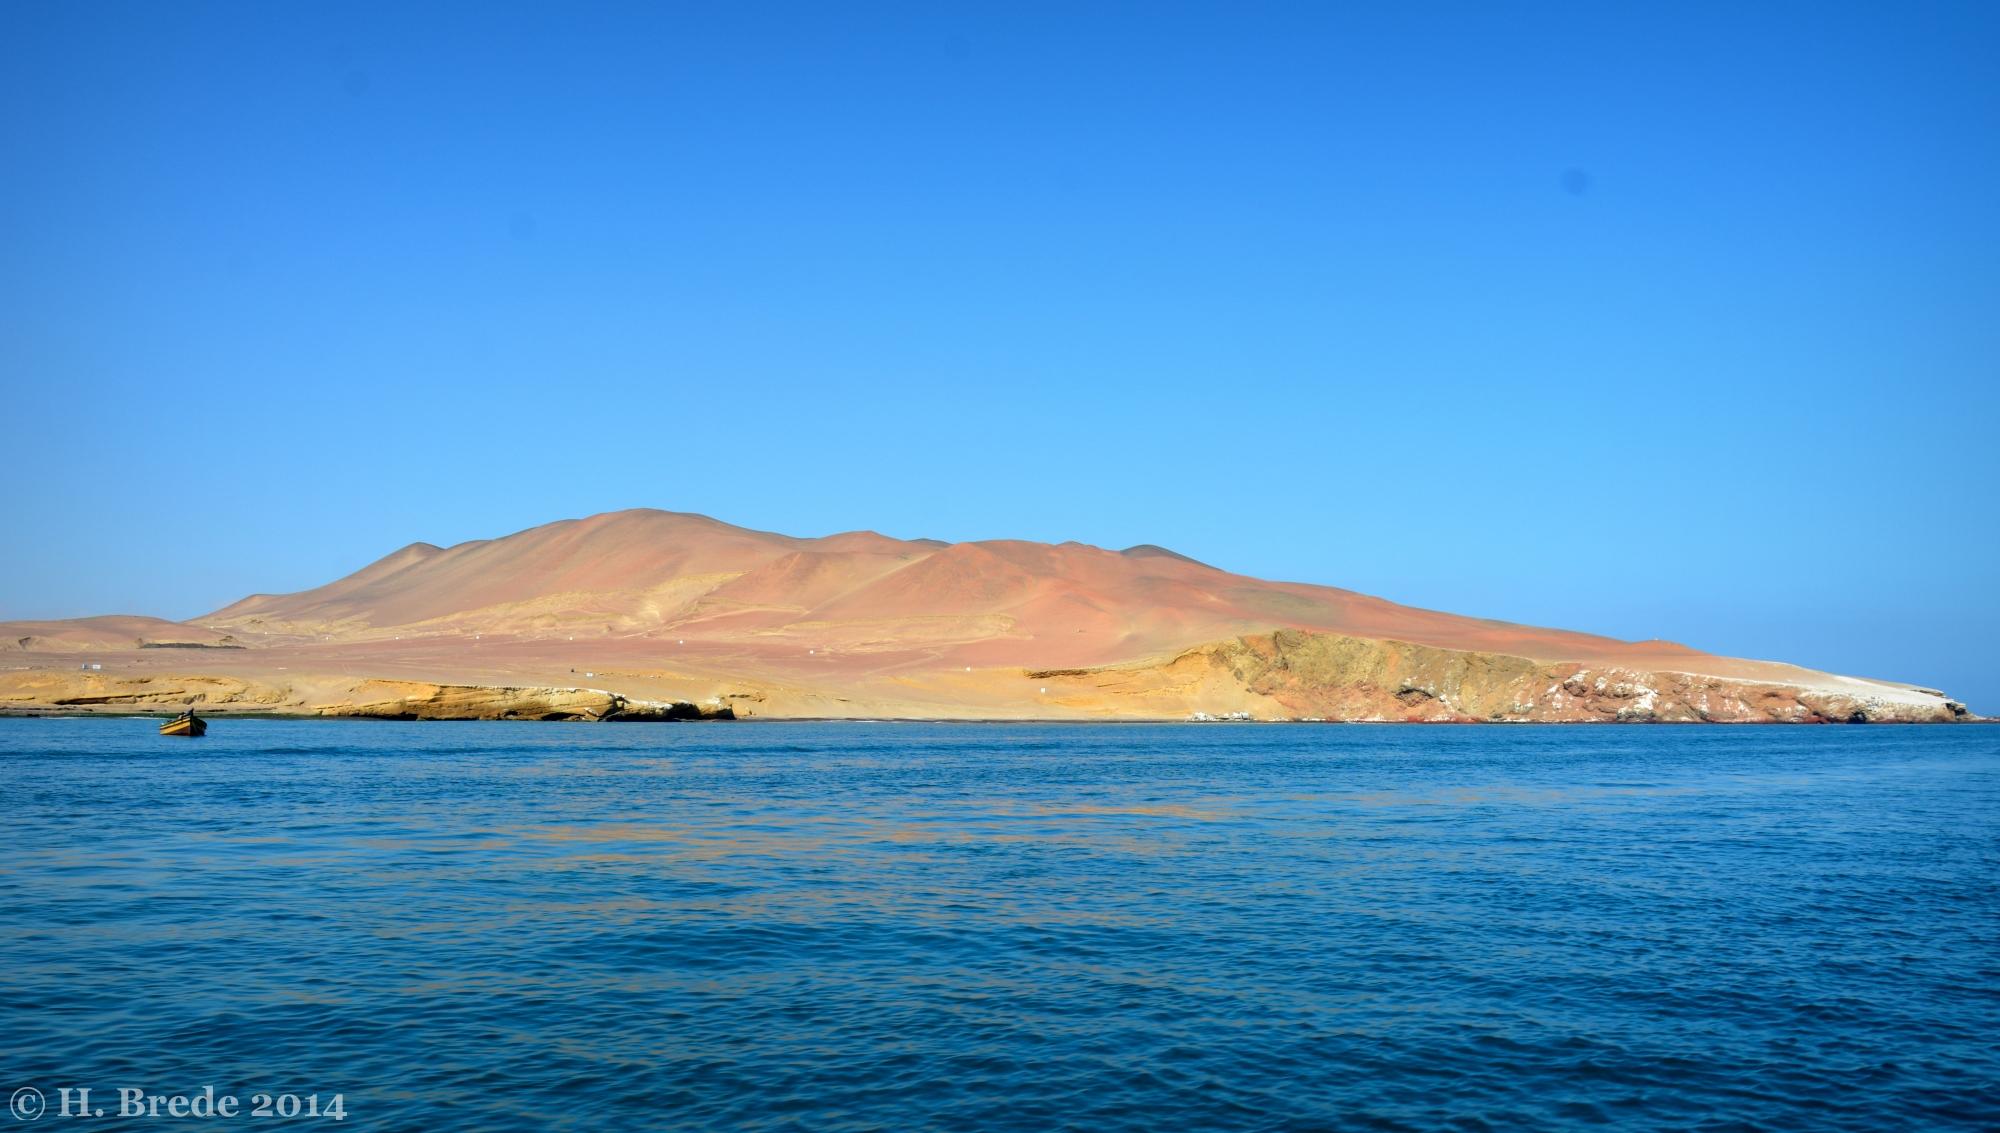 View on Playa Atenas in Peru, Peru